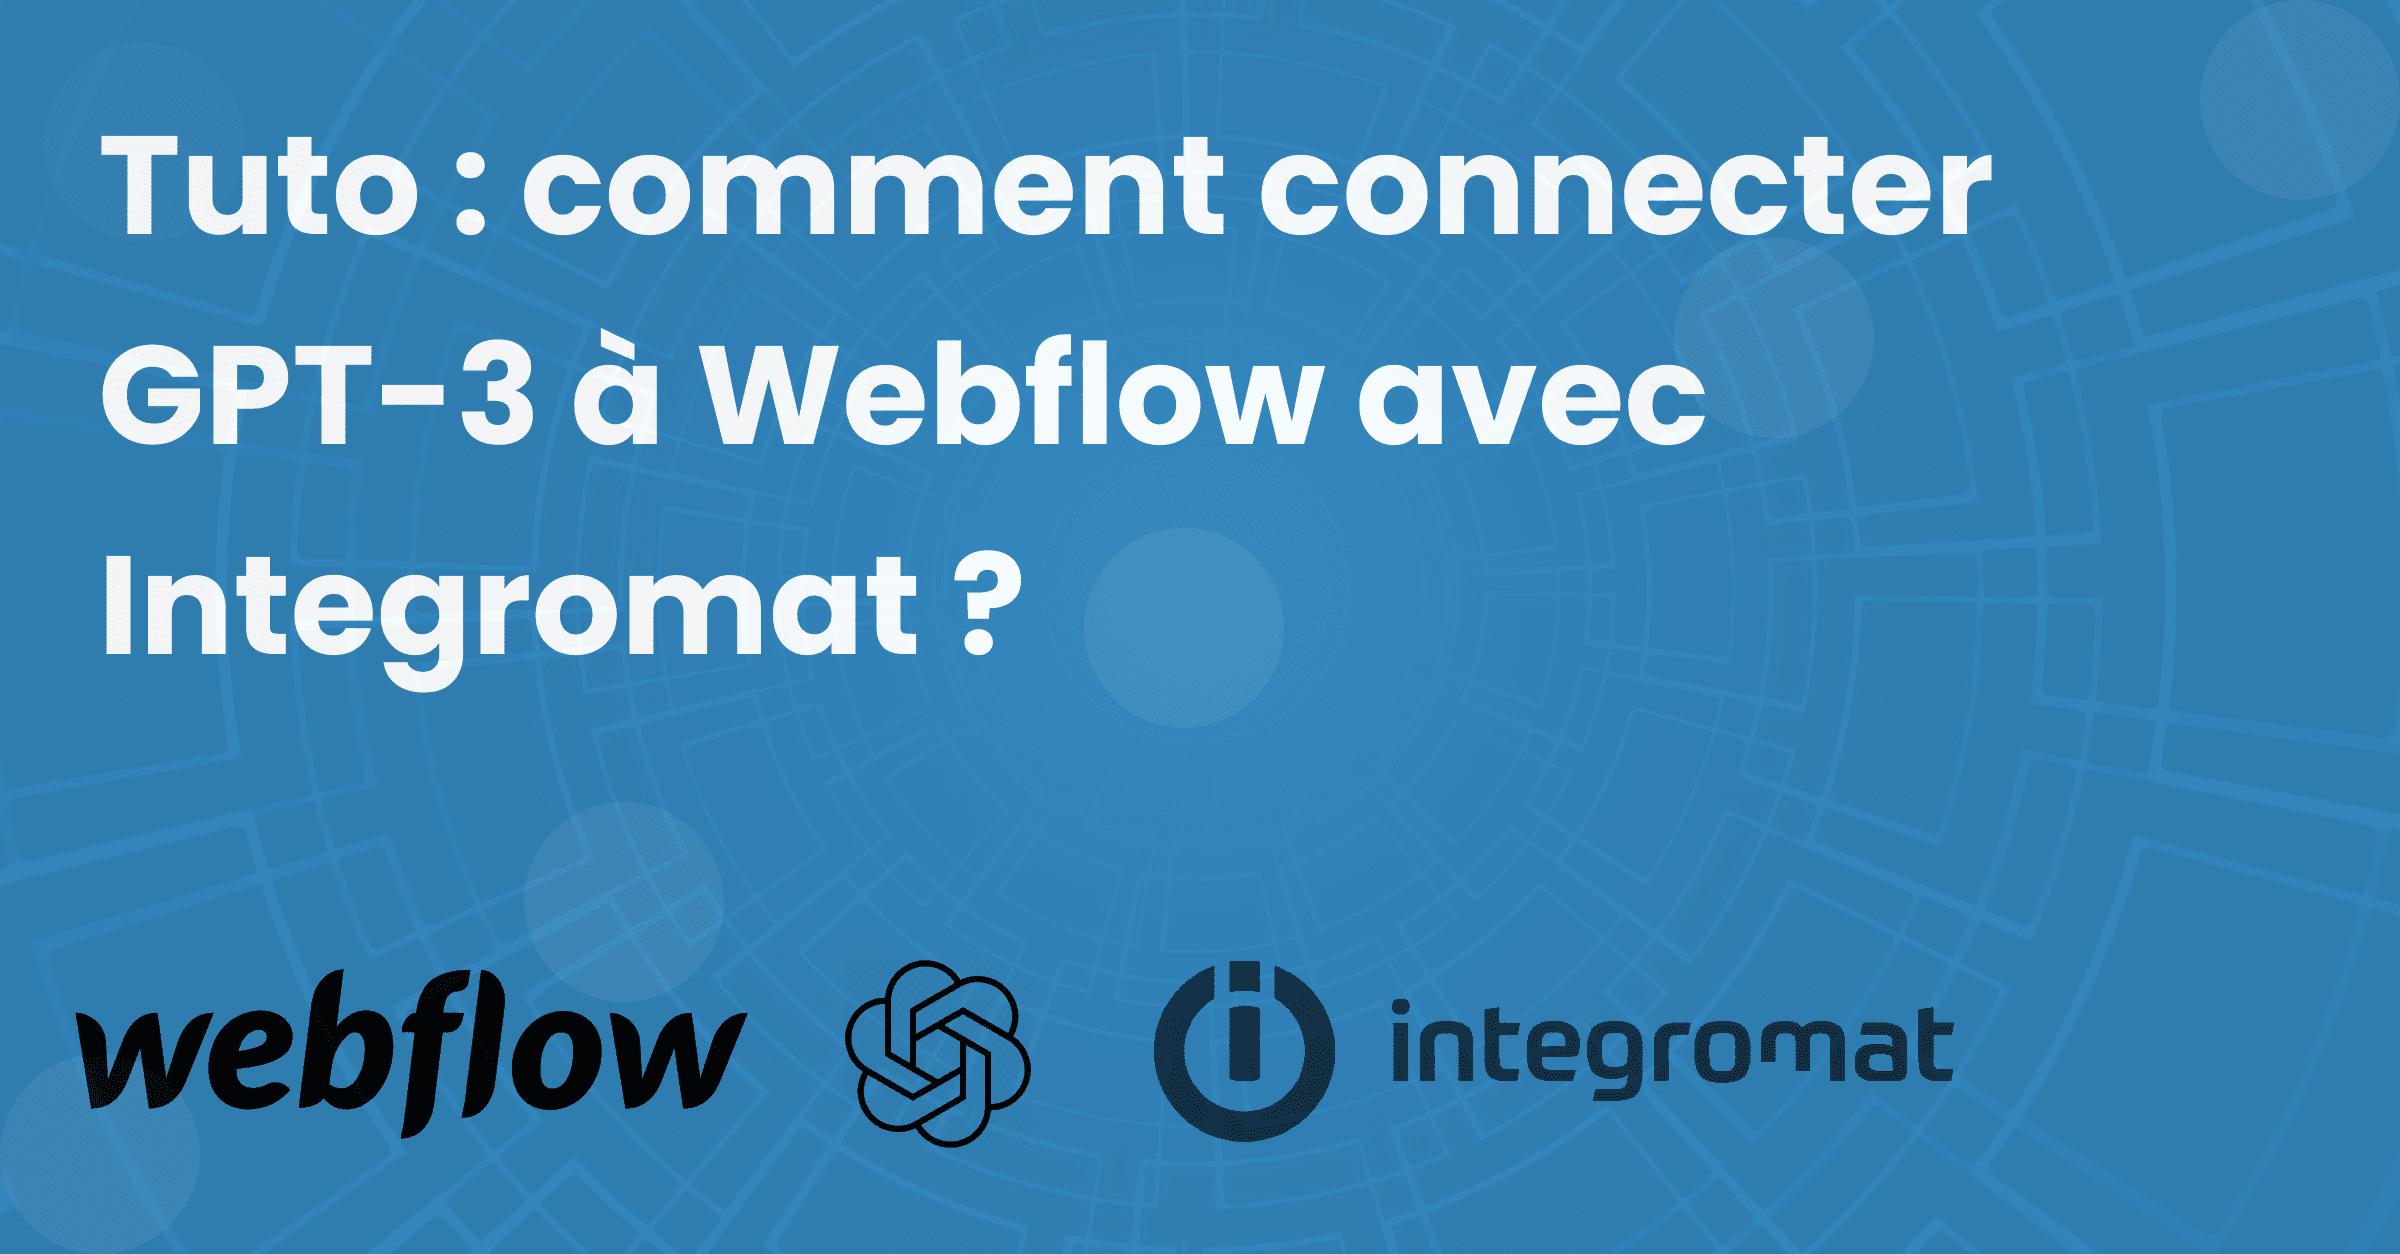 Tuto : comment connecter GPT-3 à Webflow avec Integromat ?